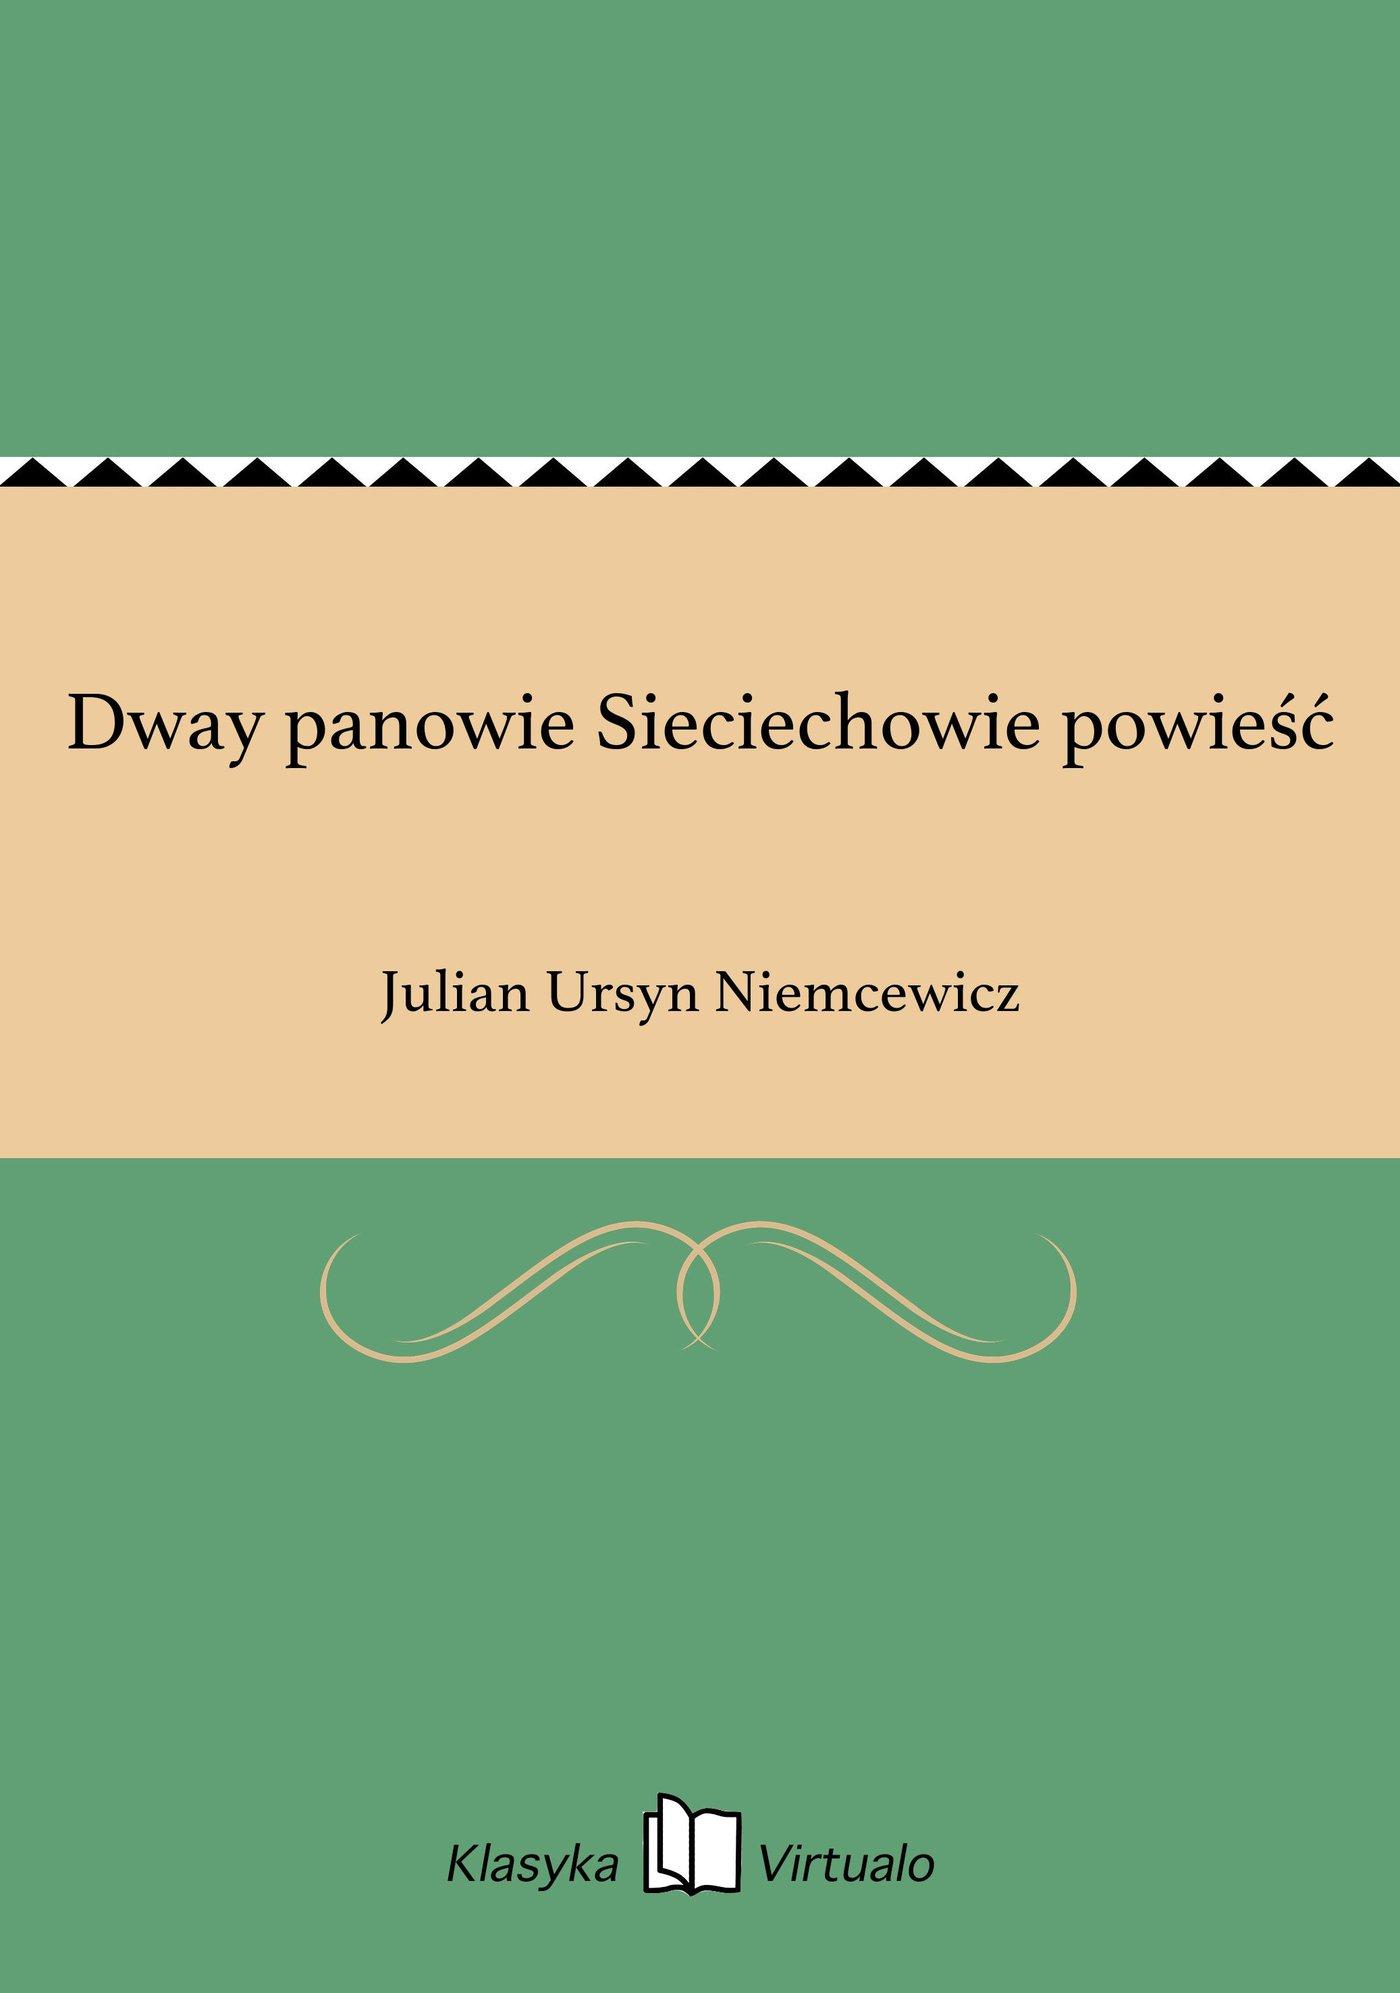 Dway panowie Sieciechowie powieść - Ebook (Książka EPUB) do pobrania w formacie EPUB